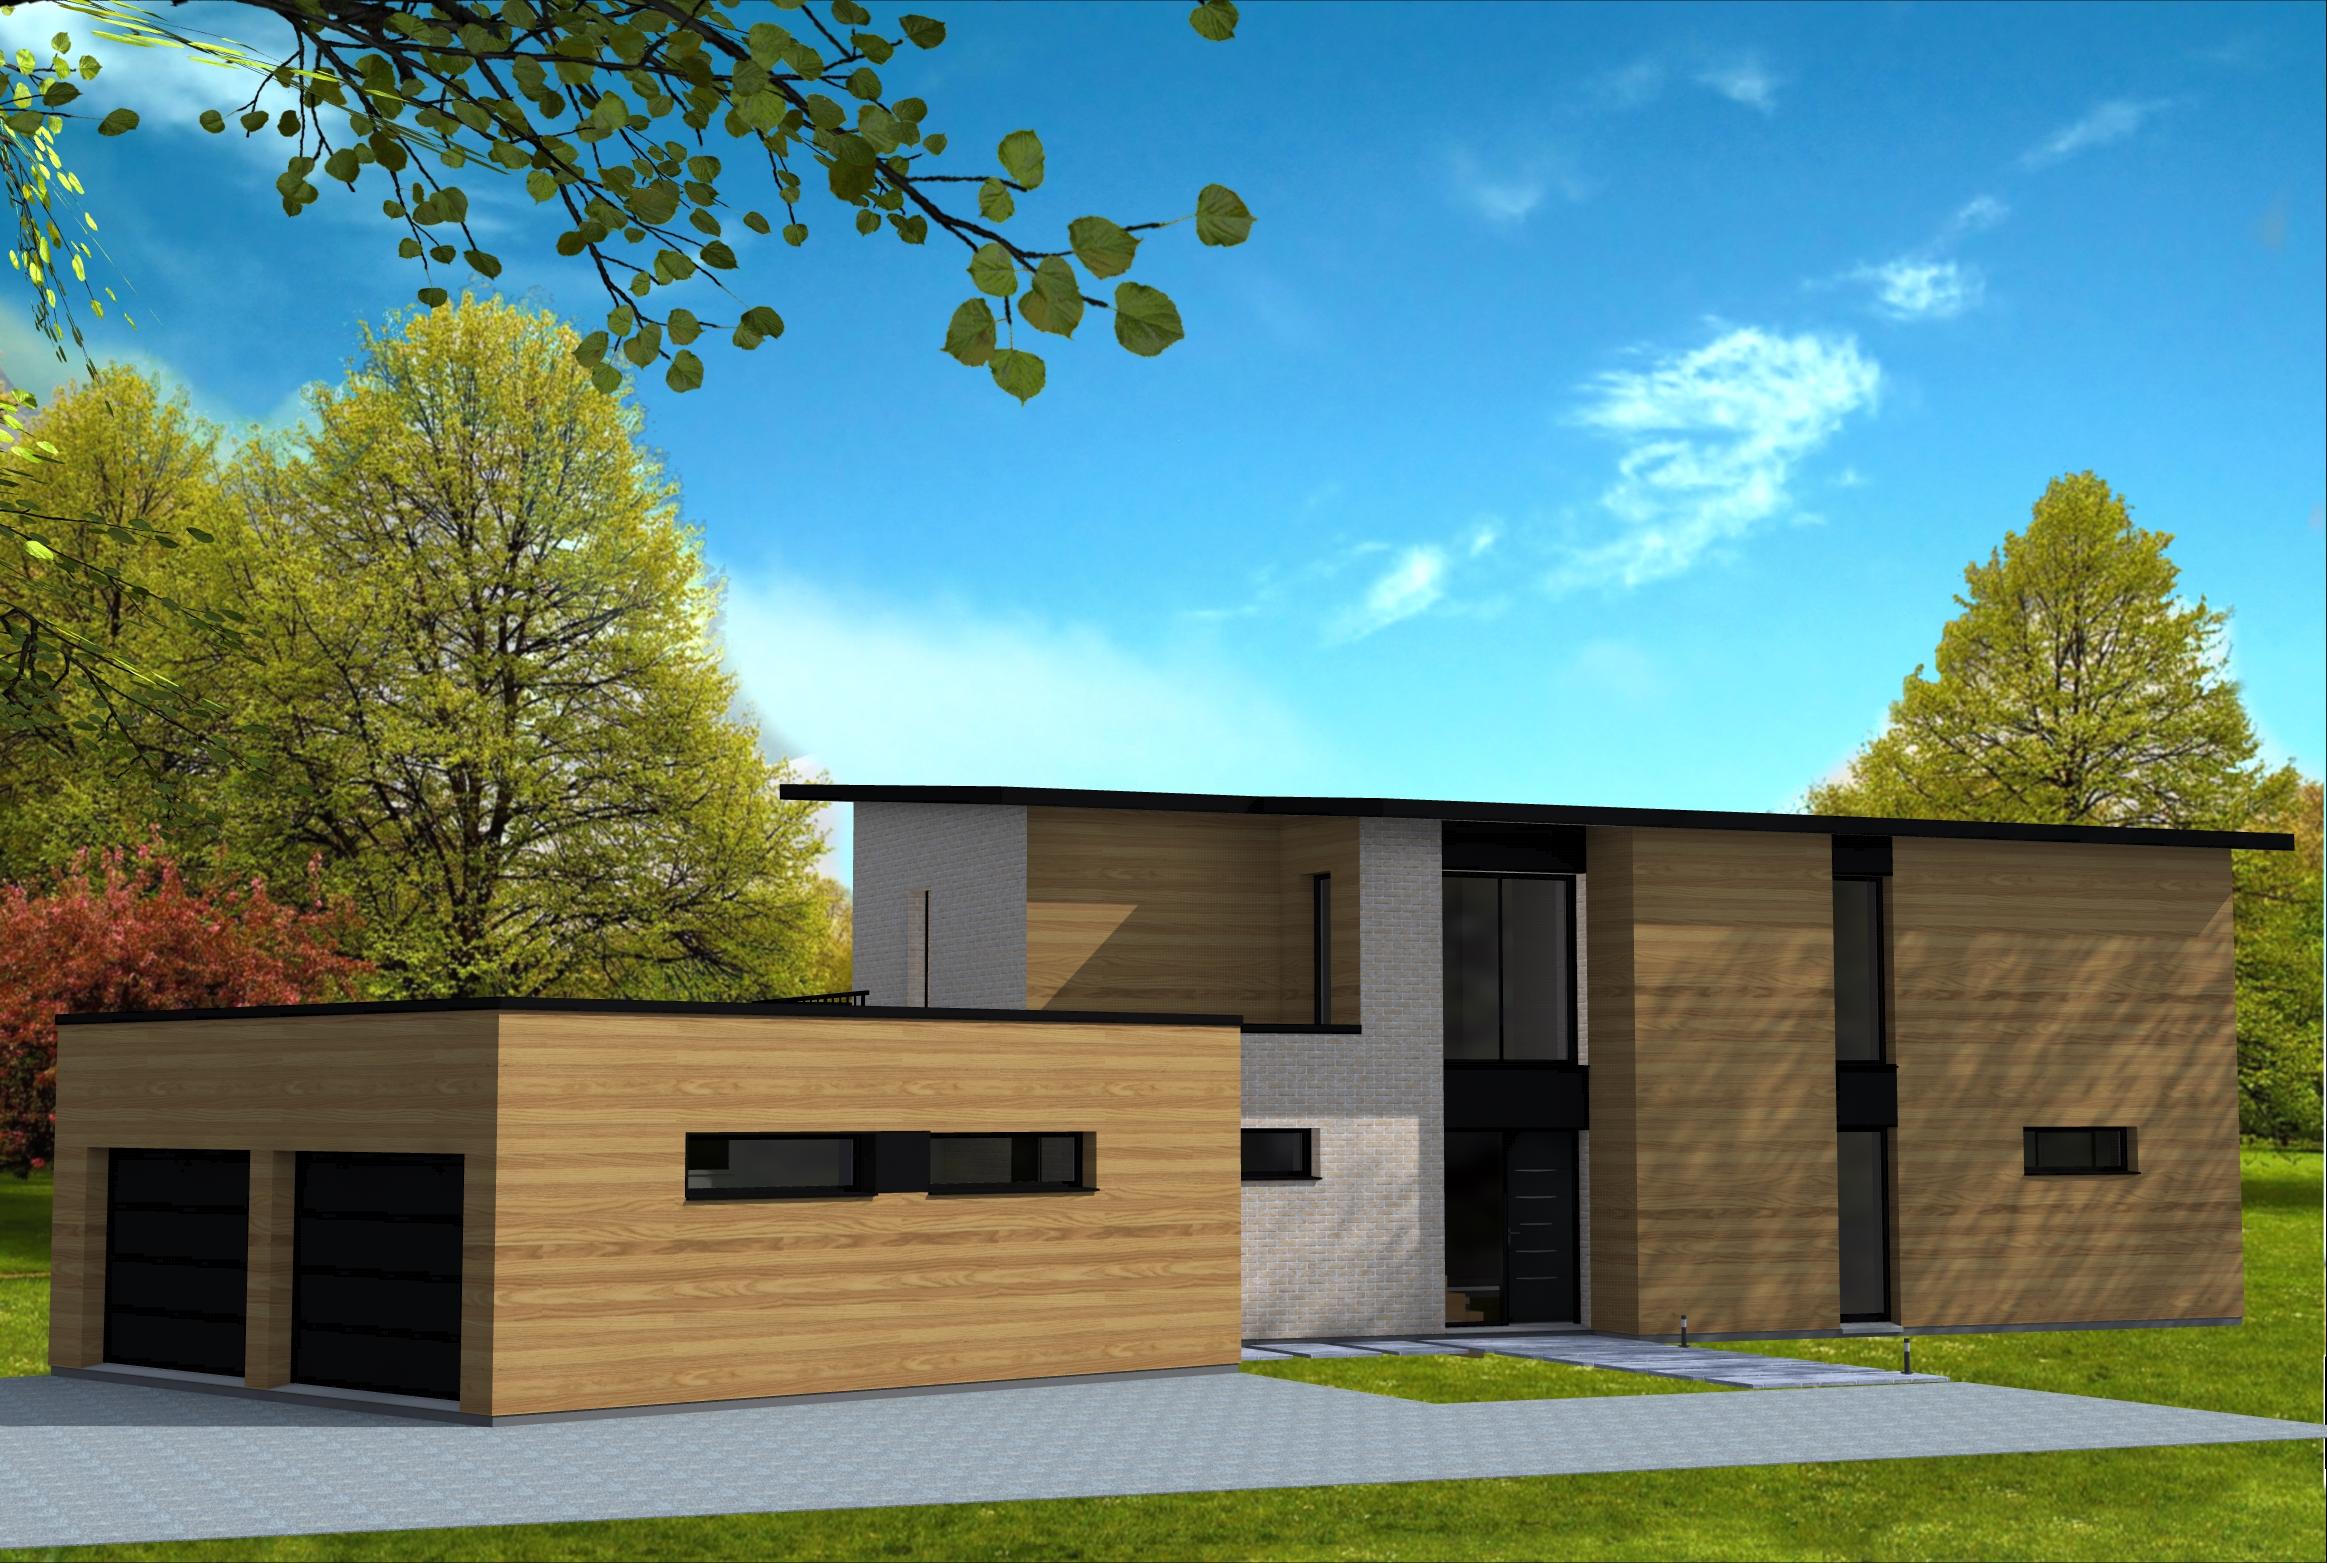 Constructeur maison contemporaine nord pas de calais for Constructeur de maison individuelle nord pas de calais